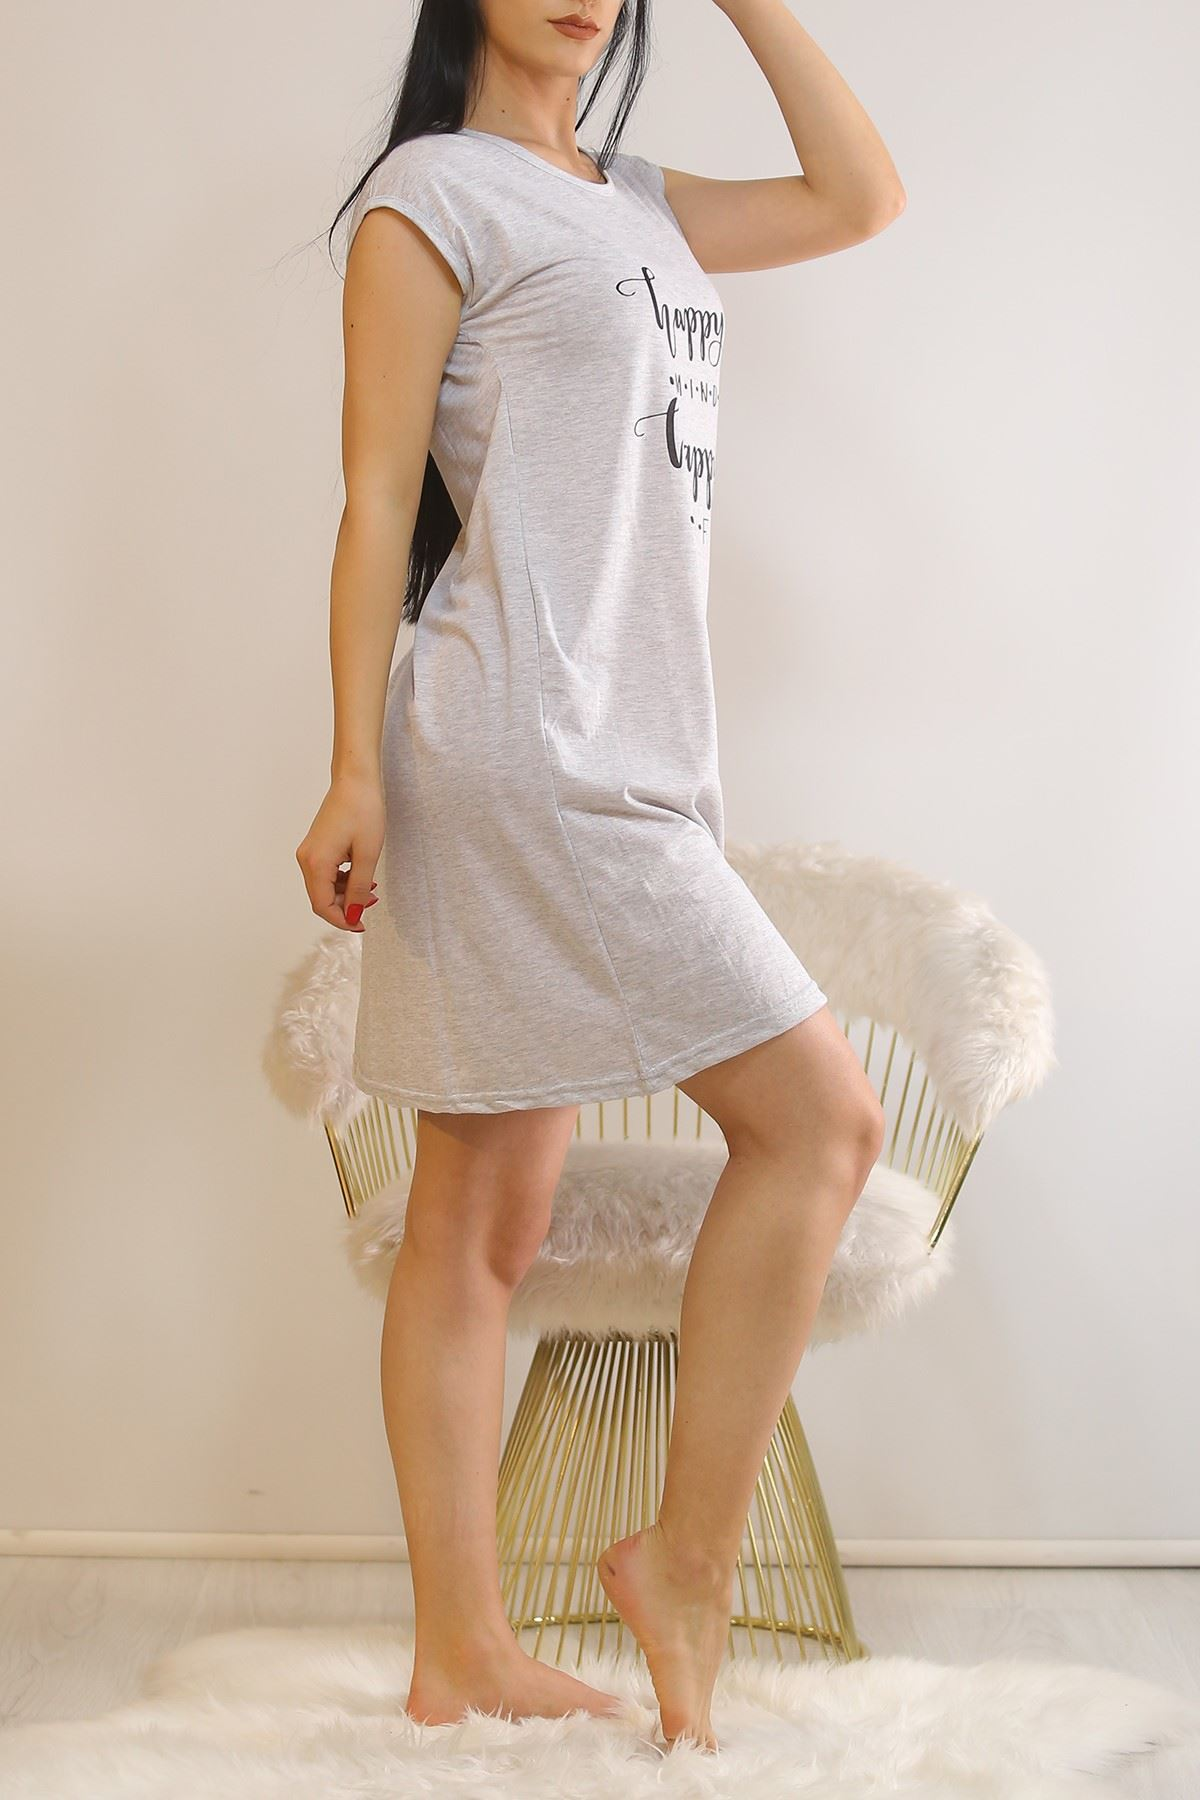 Japone Kol Elbise Gri10 - 5504.1287.